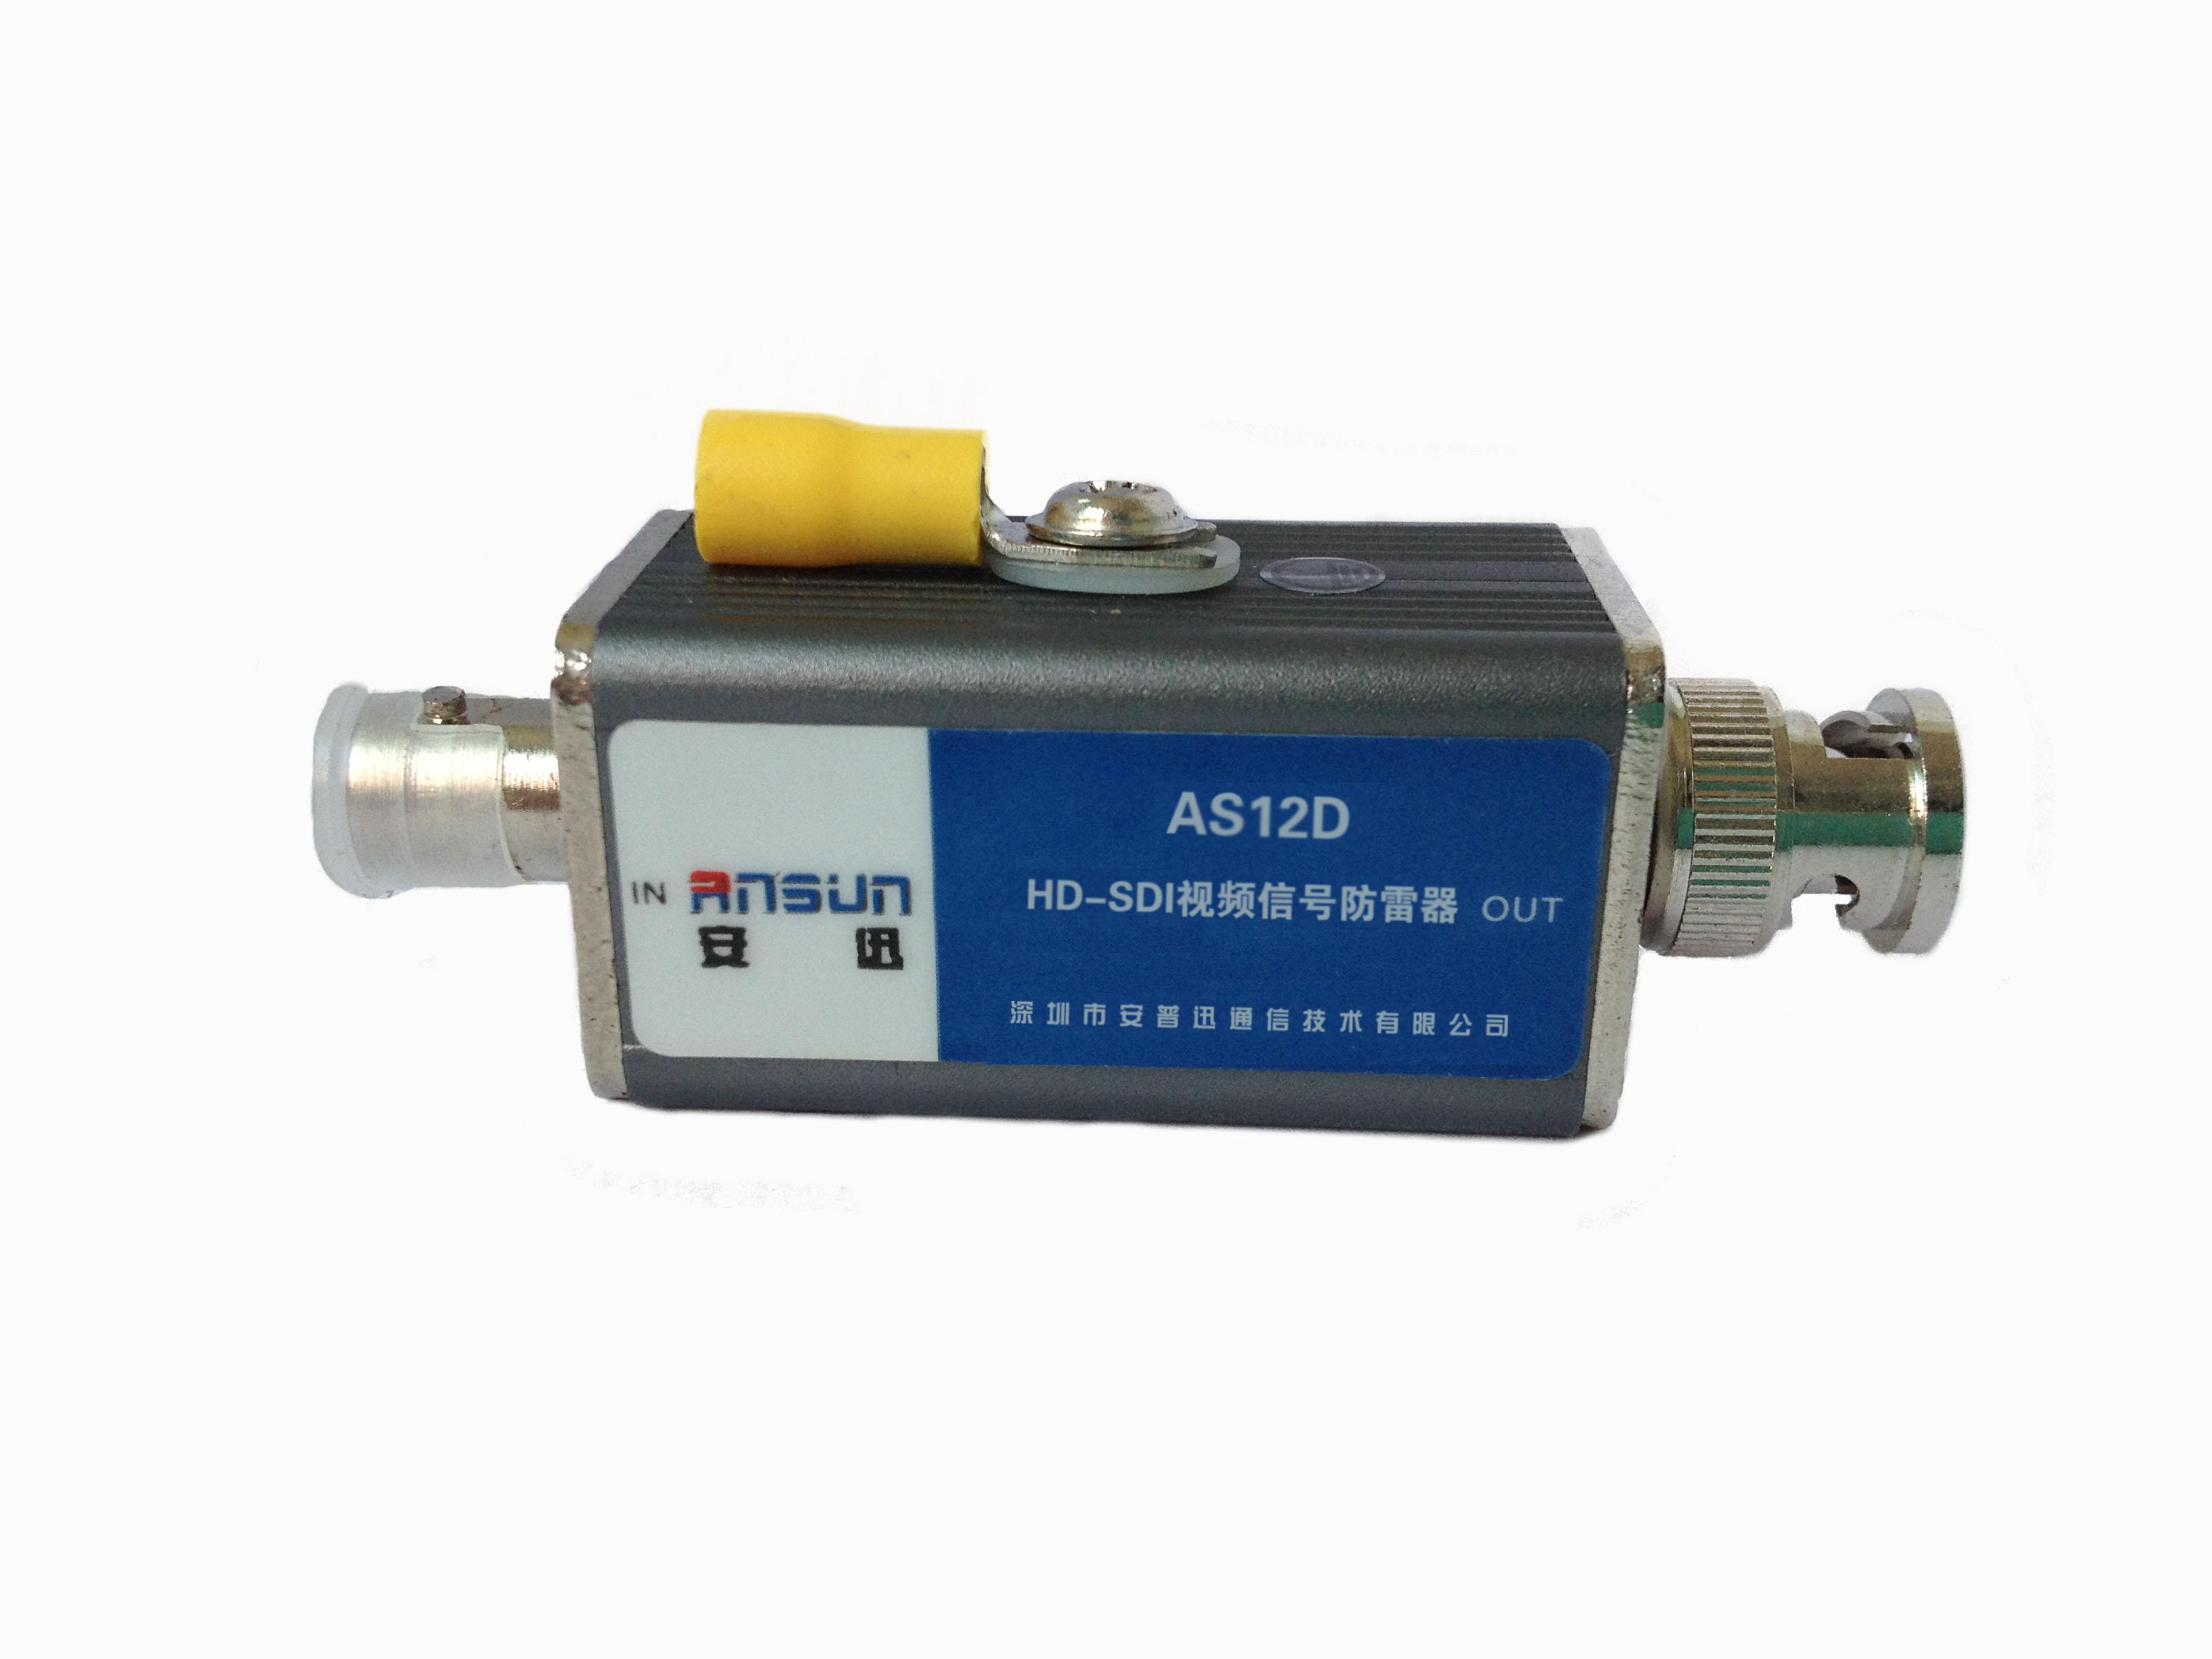 高清hd-sdi视频监控防雷器,hd-sdi摄像机防雷器,3g-器